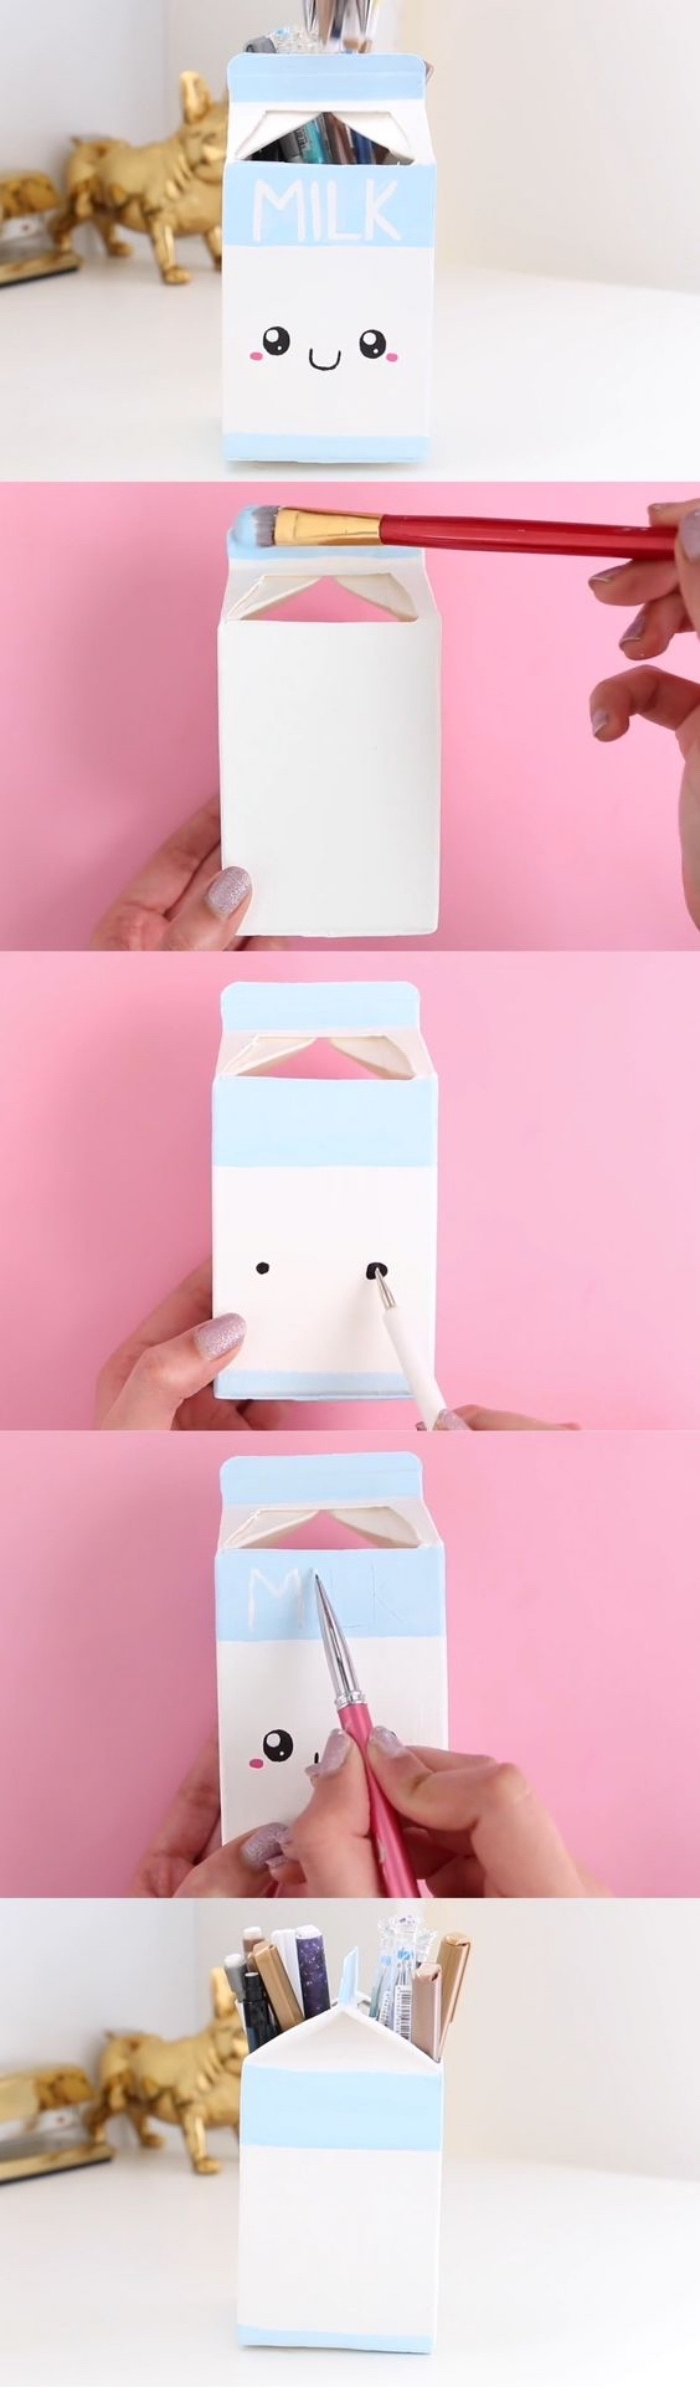 recyclage boite à lait pour fabriquer un pot a crayon soi meme, bricolage enfant facile, peinture et dessin visage mignon